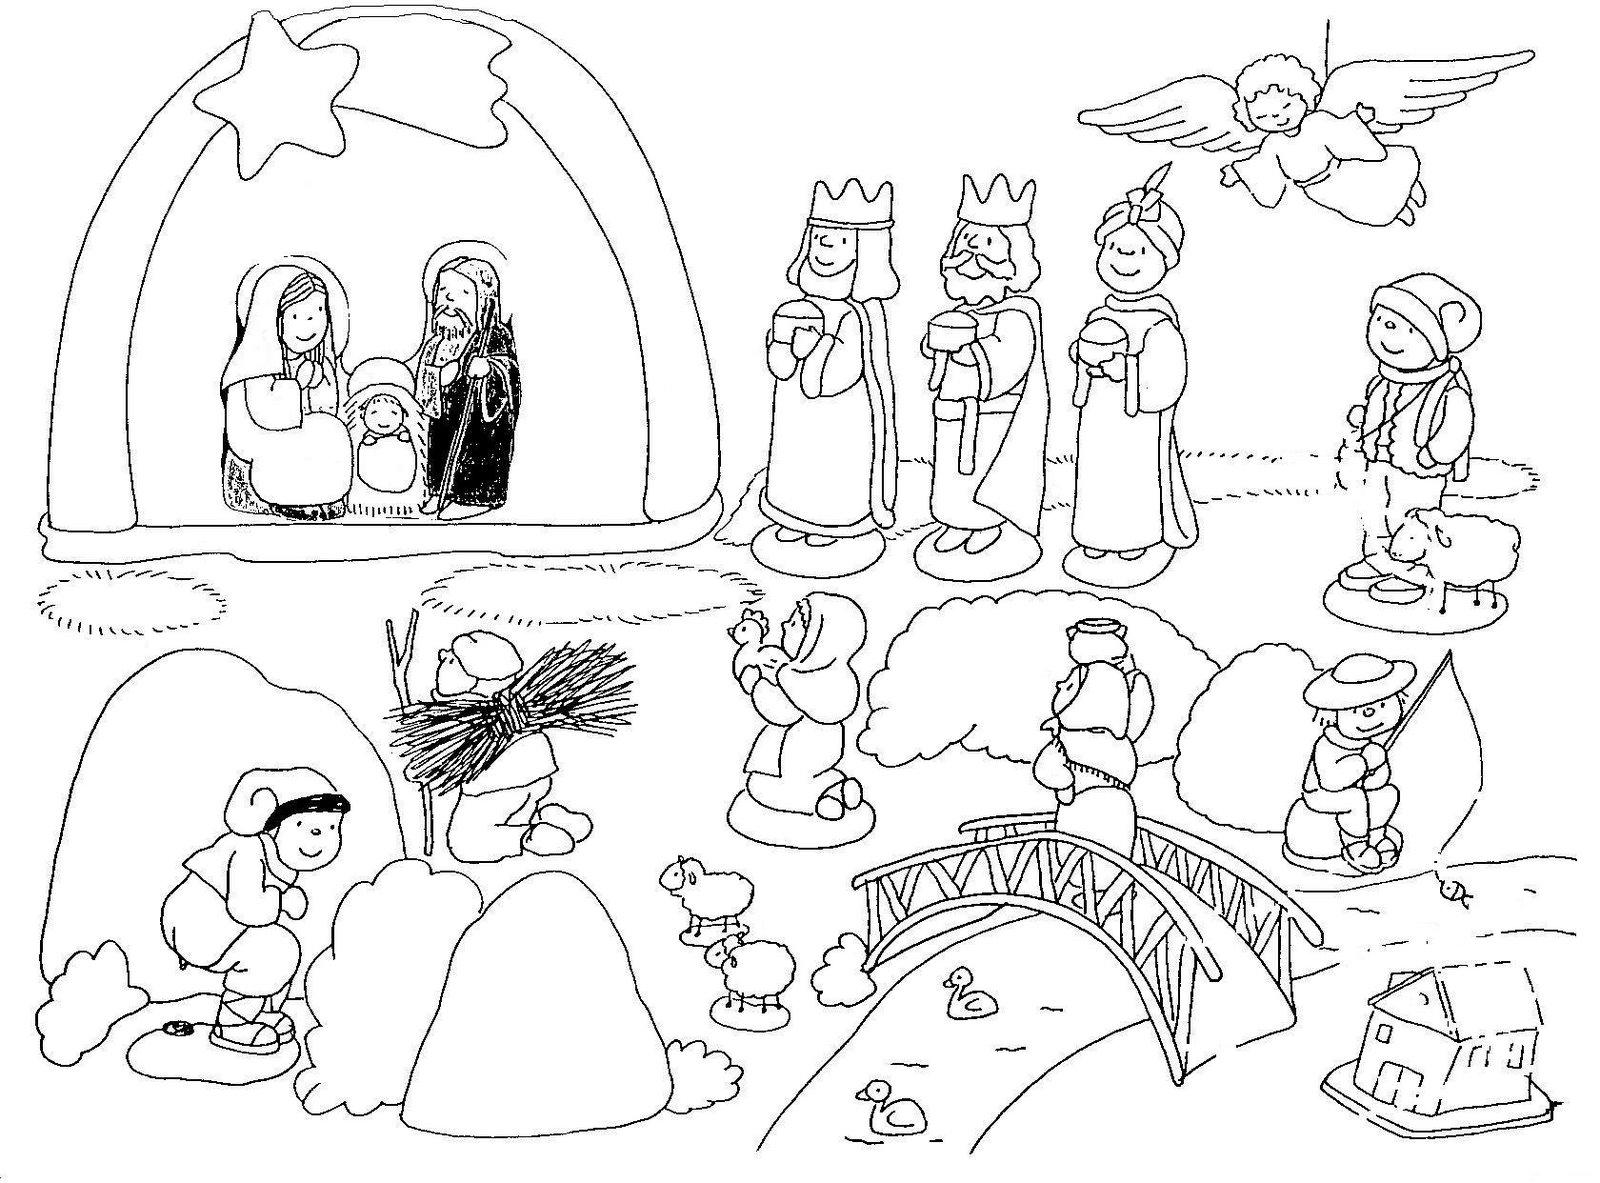 Dibujos De Cosas De Navidad. Navidad With Dibujos De Cosas De ...